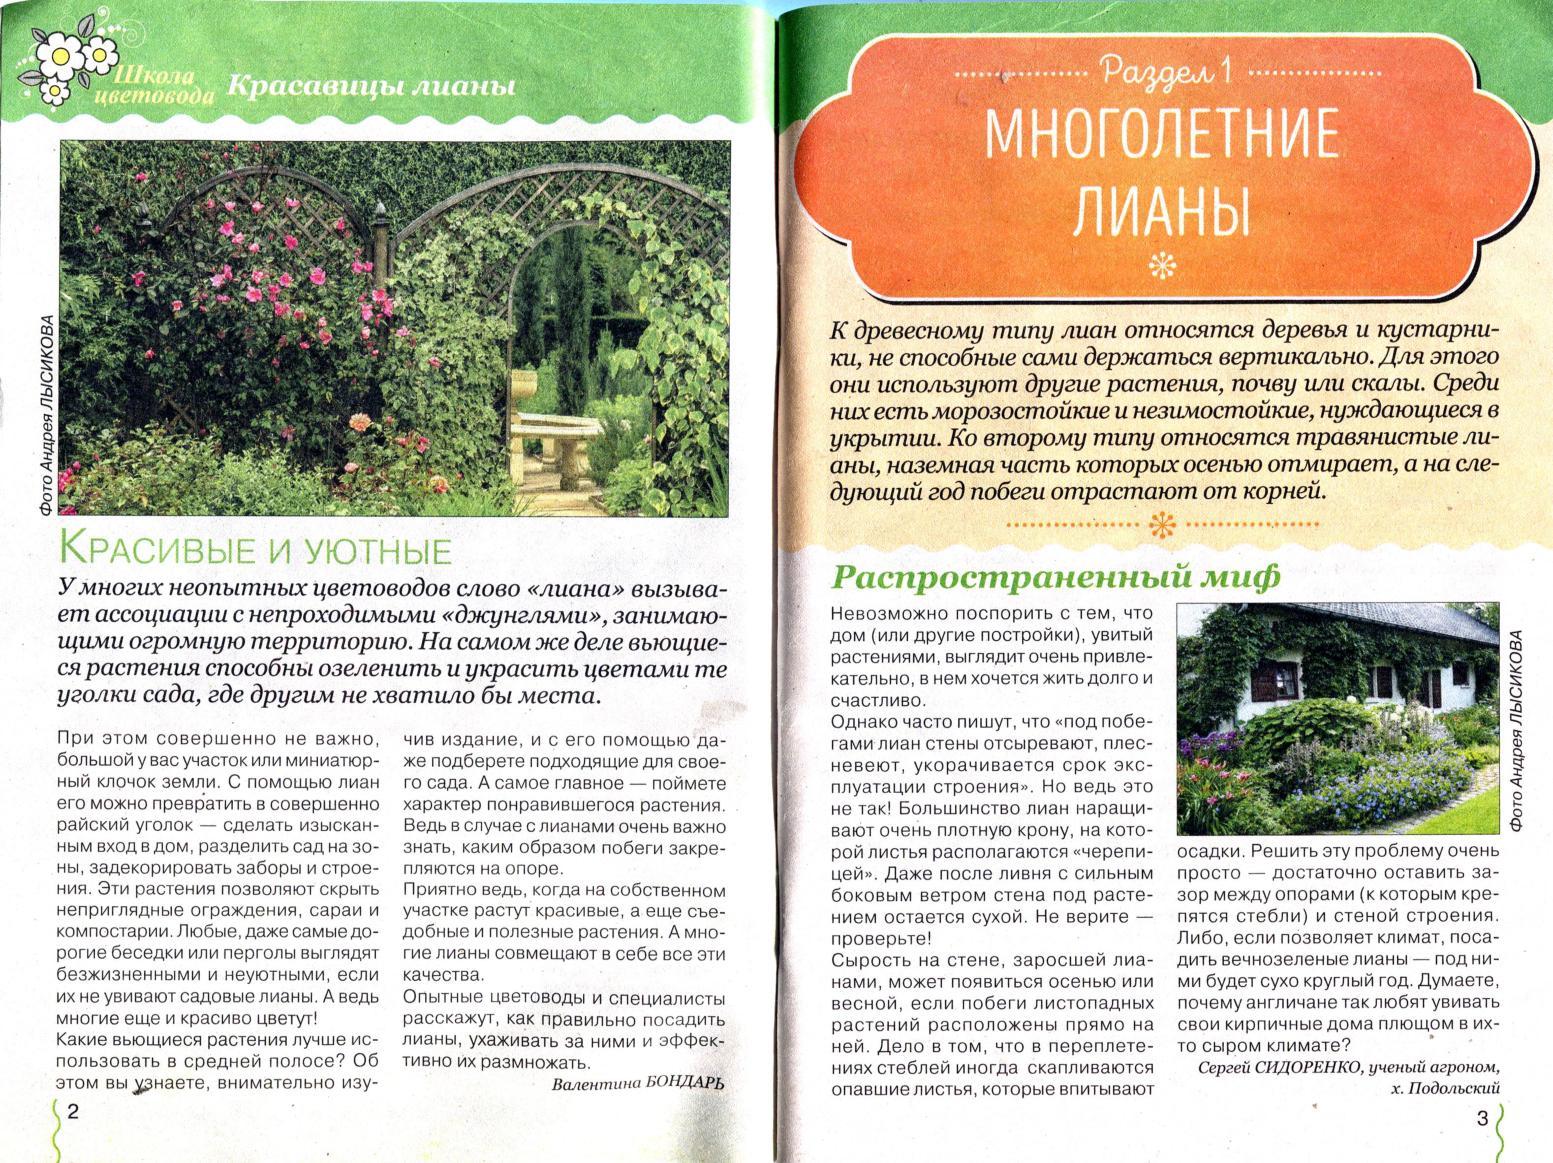 4 фото 1 слово ответы 301-350 - Stevsky.ru - обзоры смартфонов ... | 1163x1553